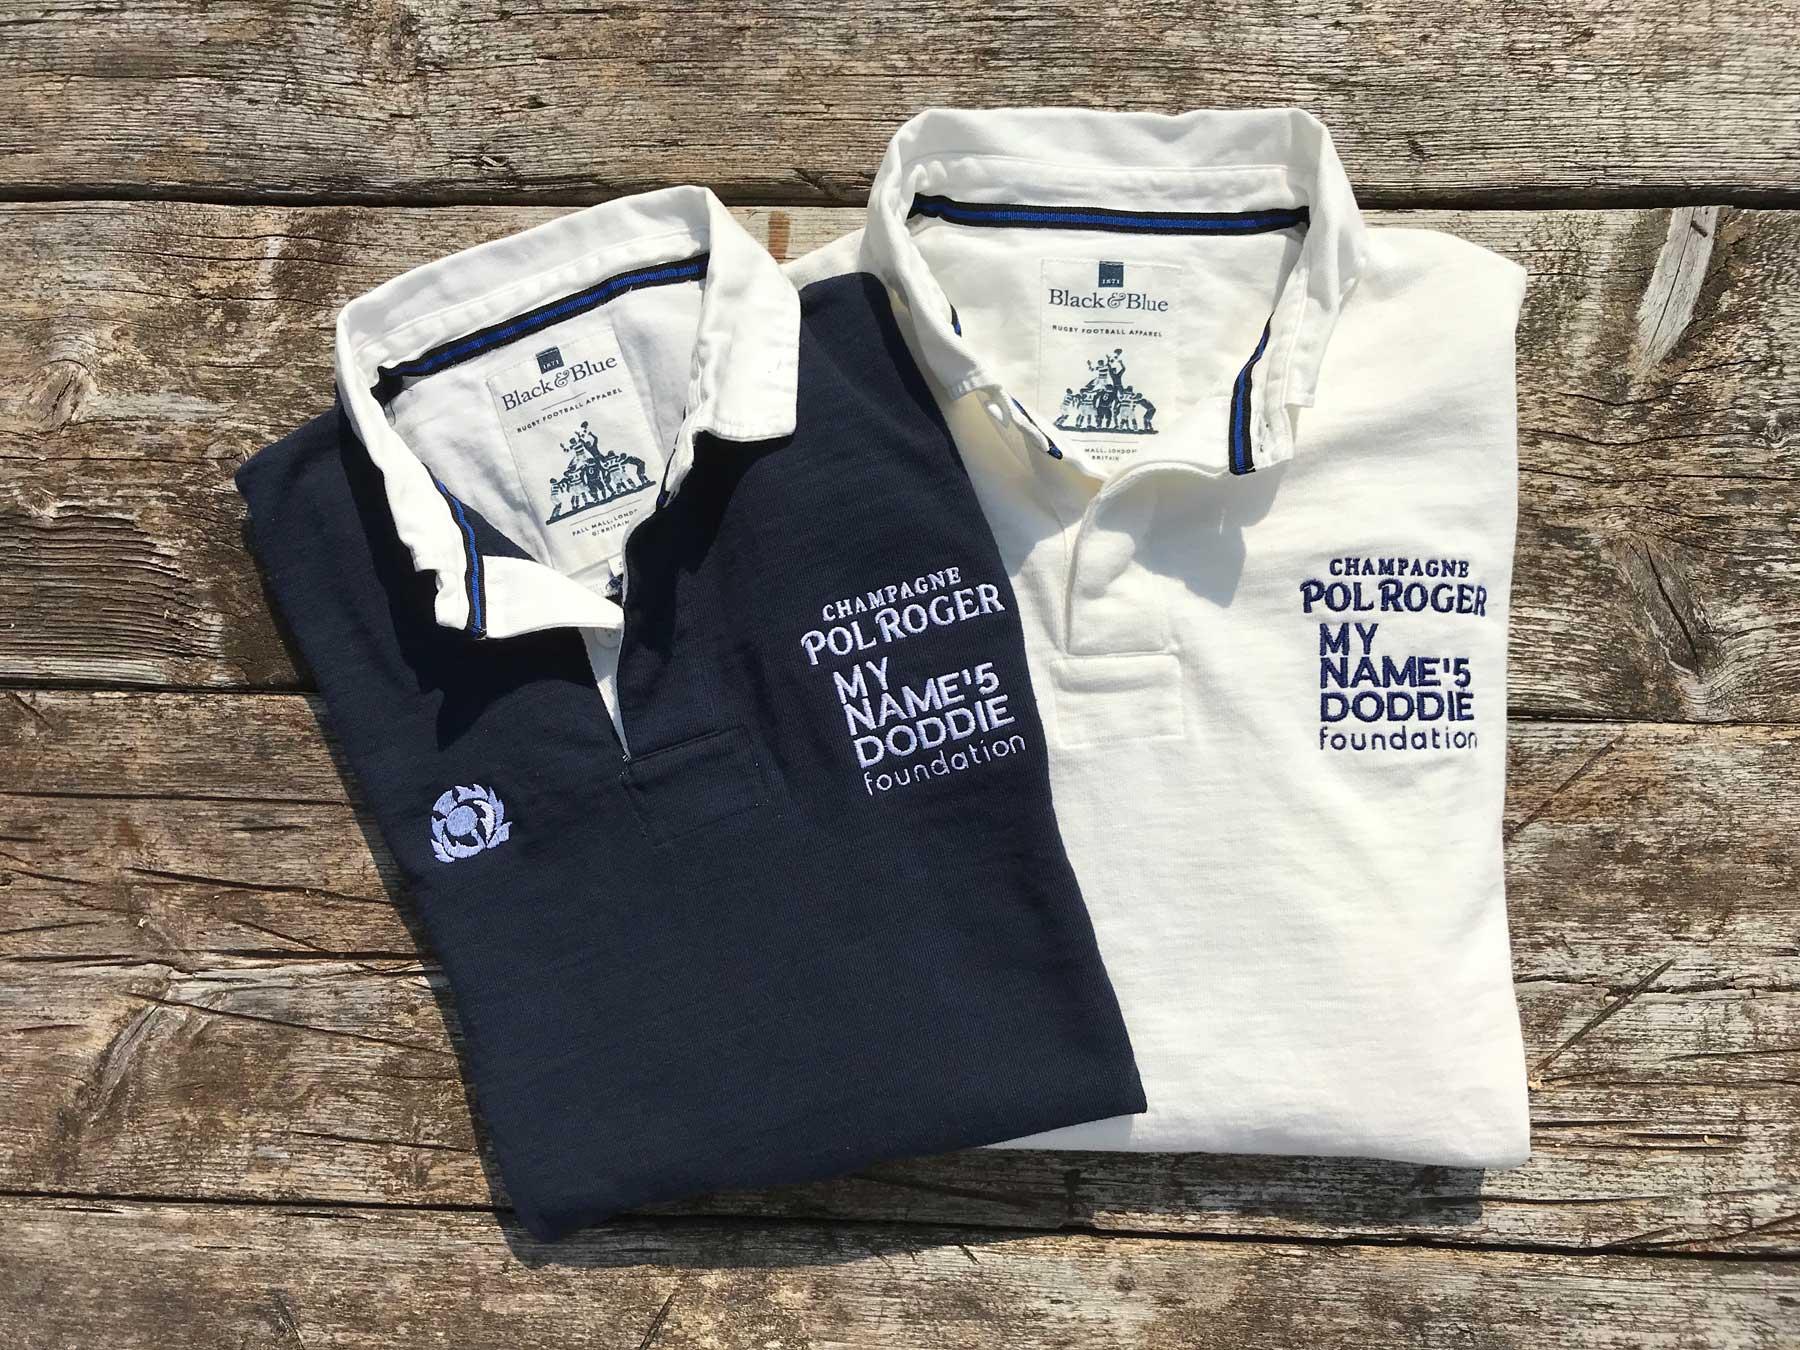 Pol Roger - Doddie Weir Shirts